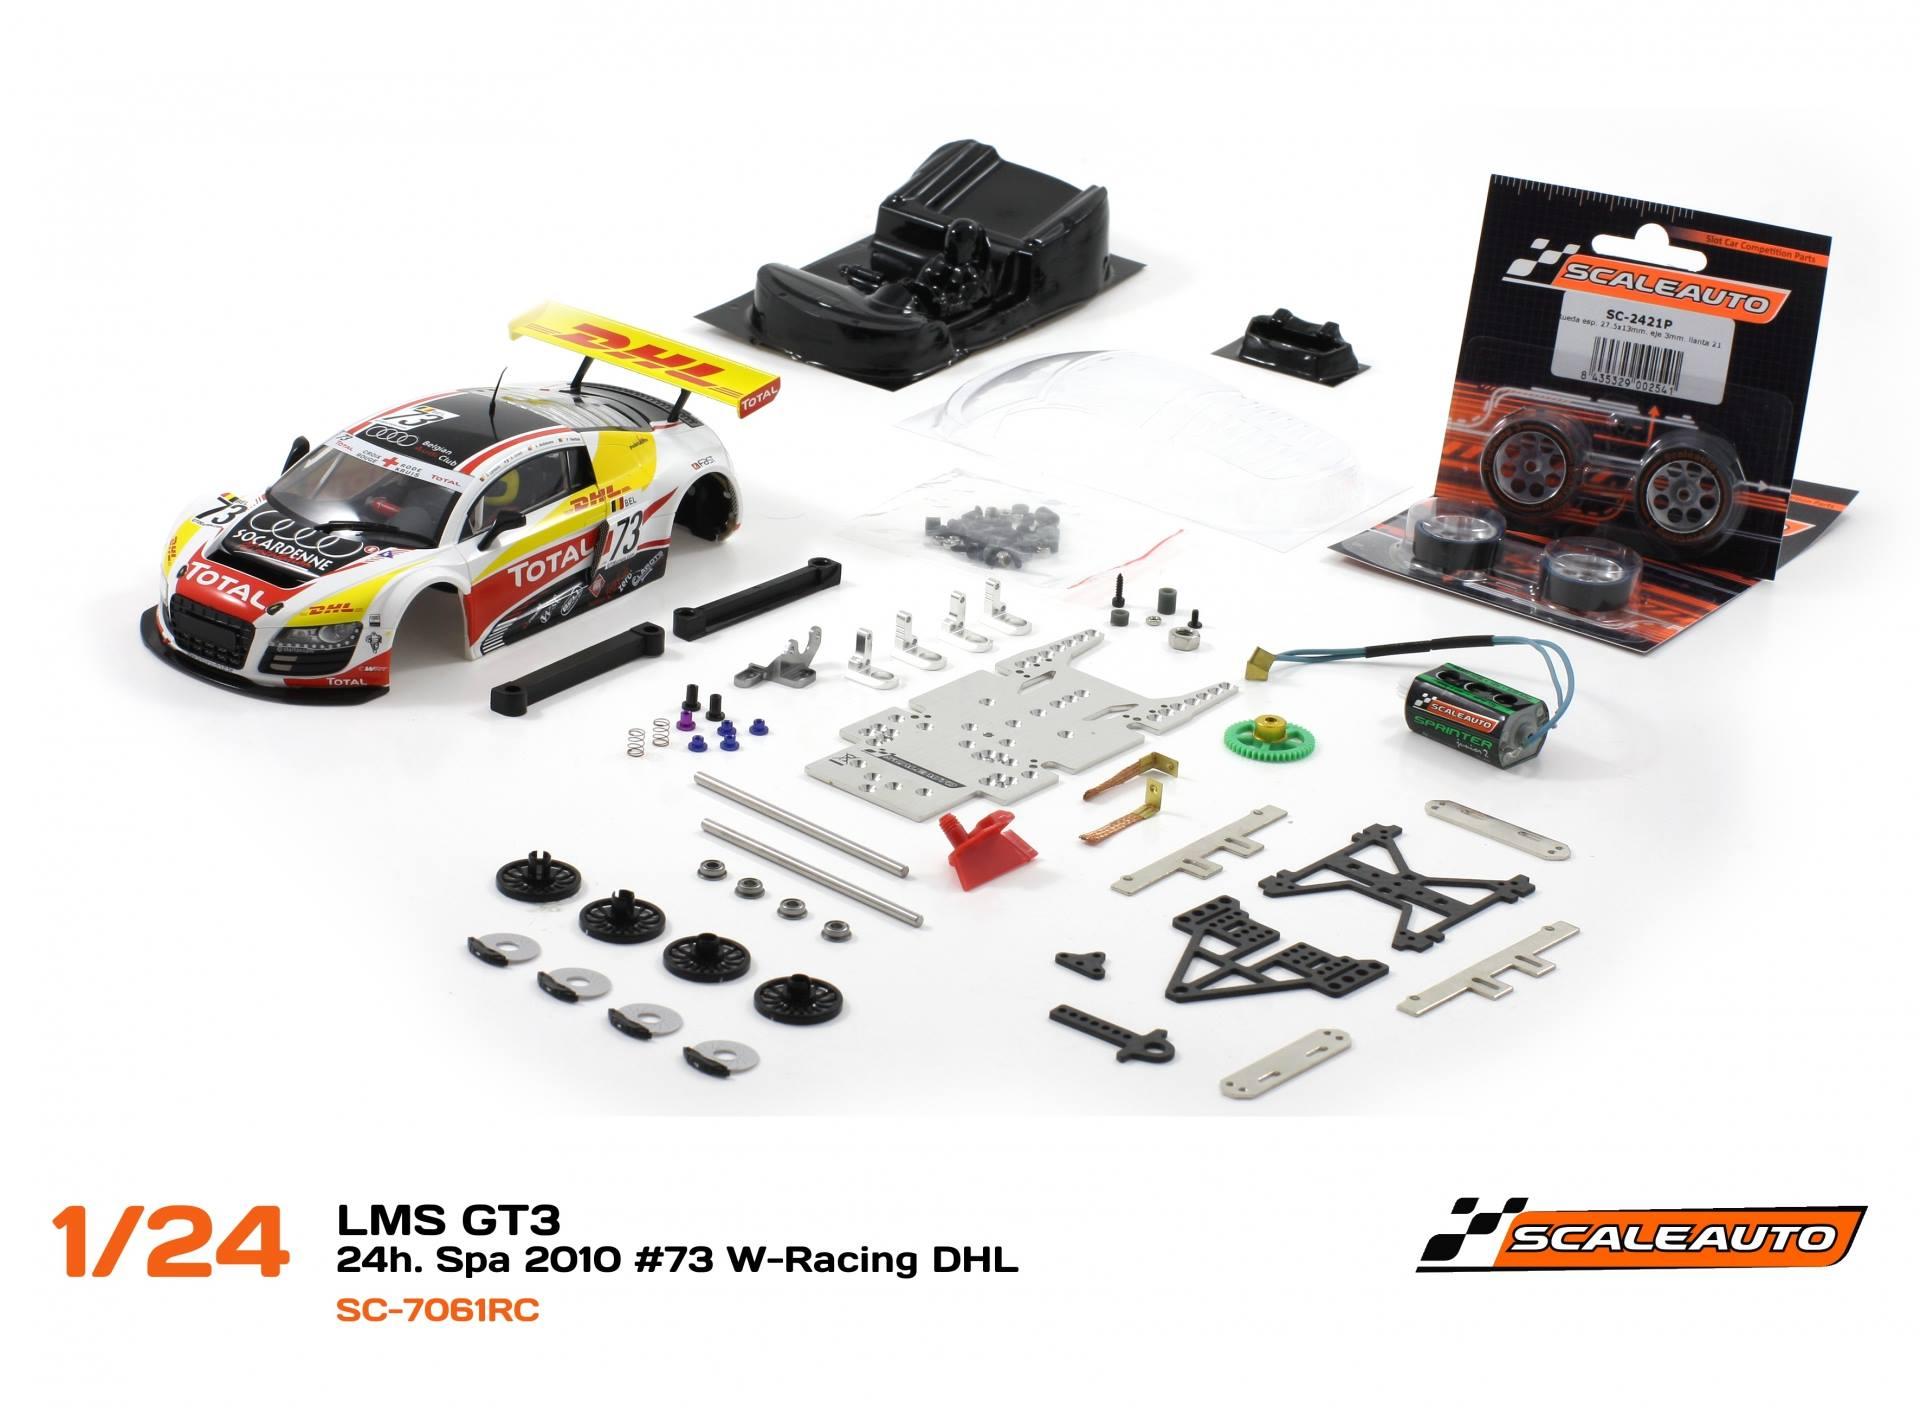 AUDI R8 LMS GT3 – 24h de Spa 2010 #73 W-Racing DHL – SC-7061RC